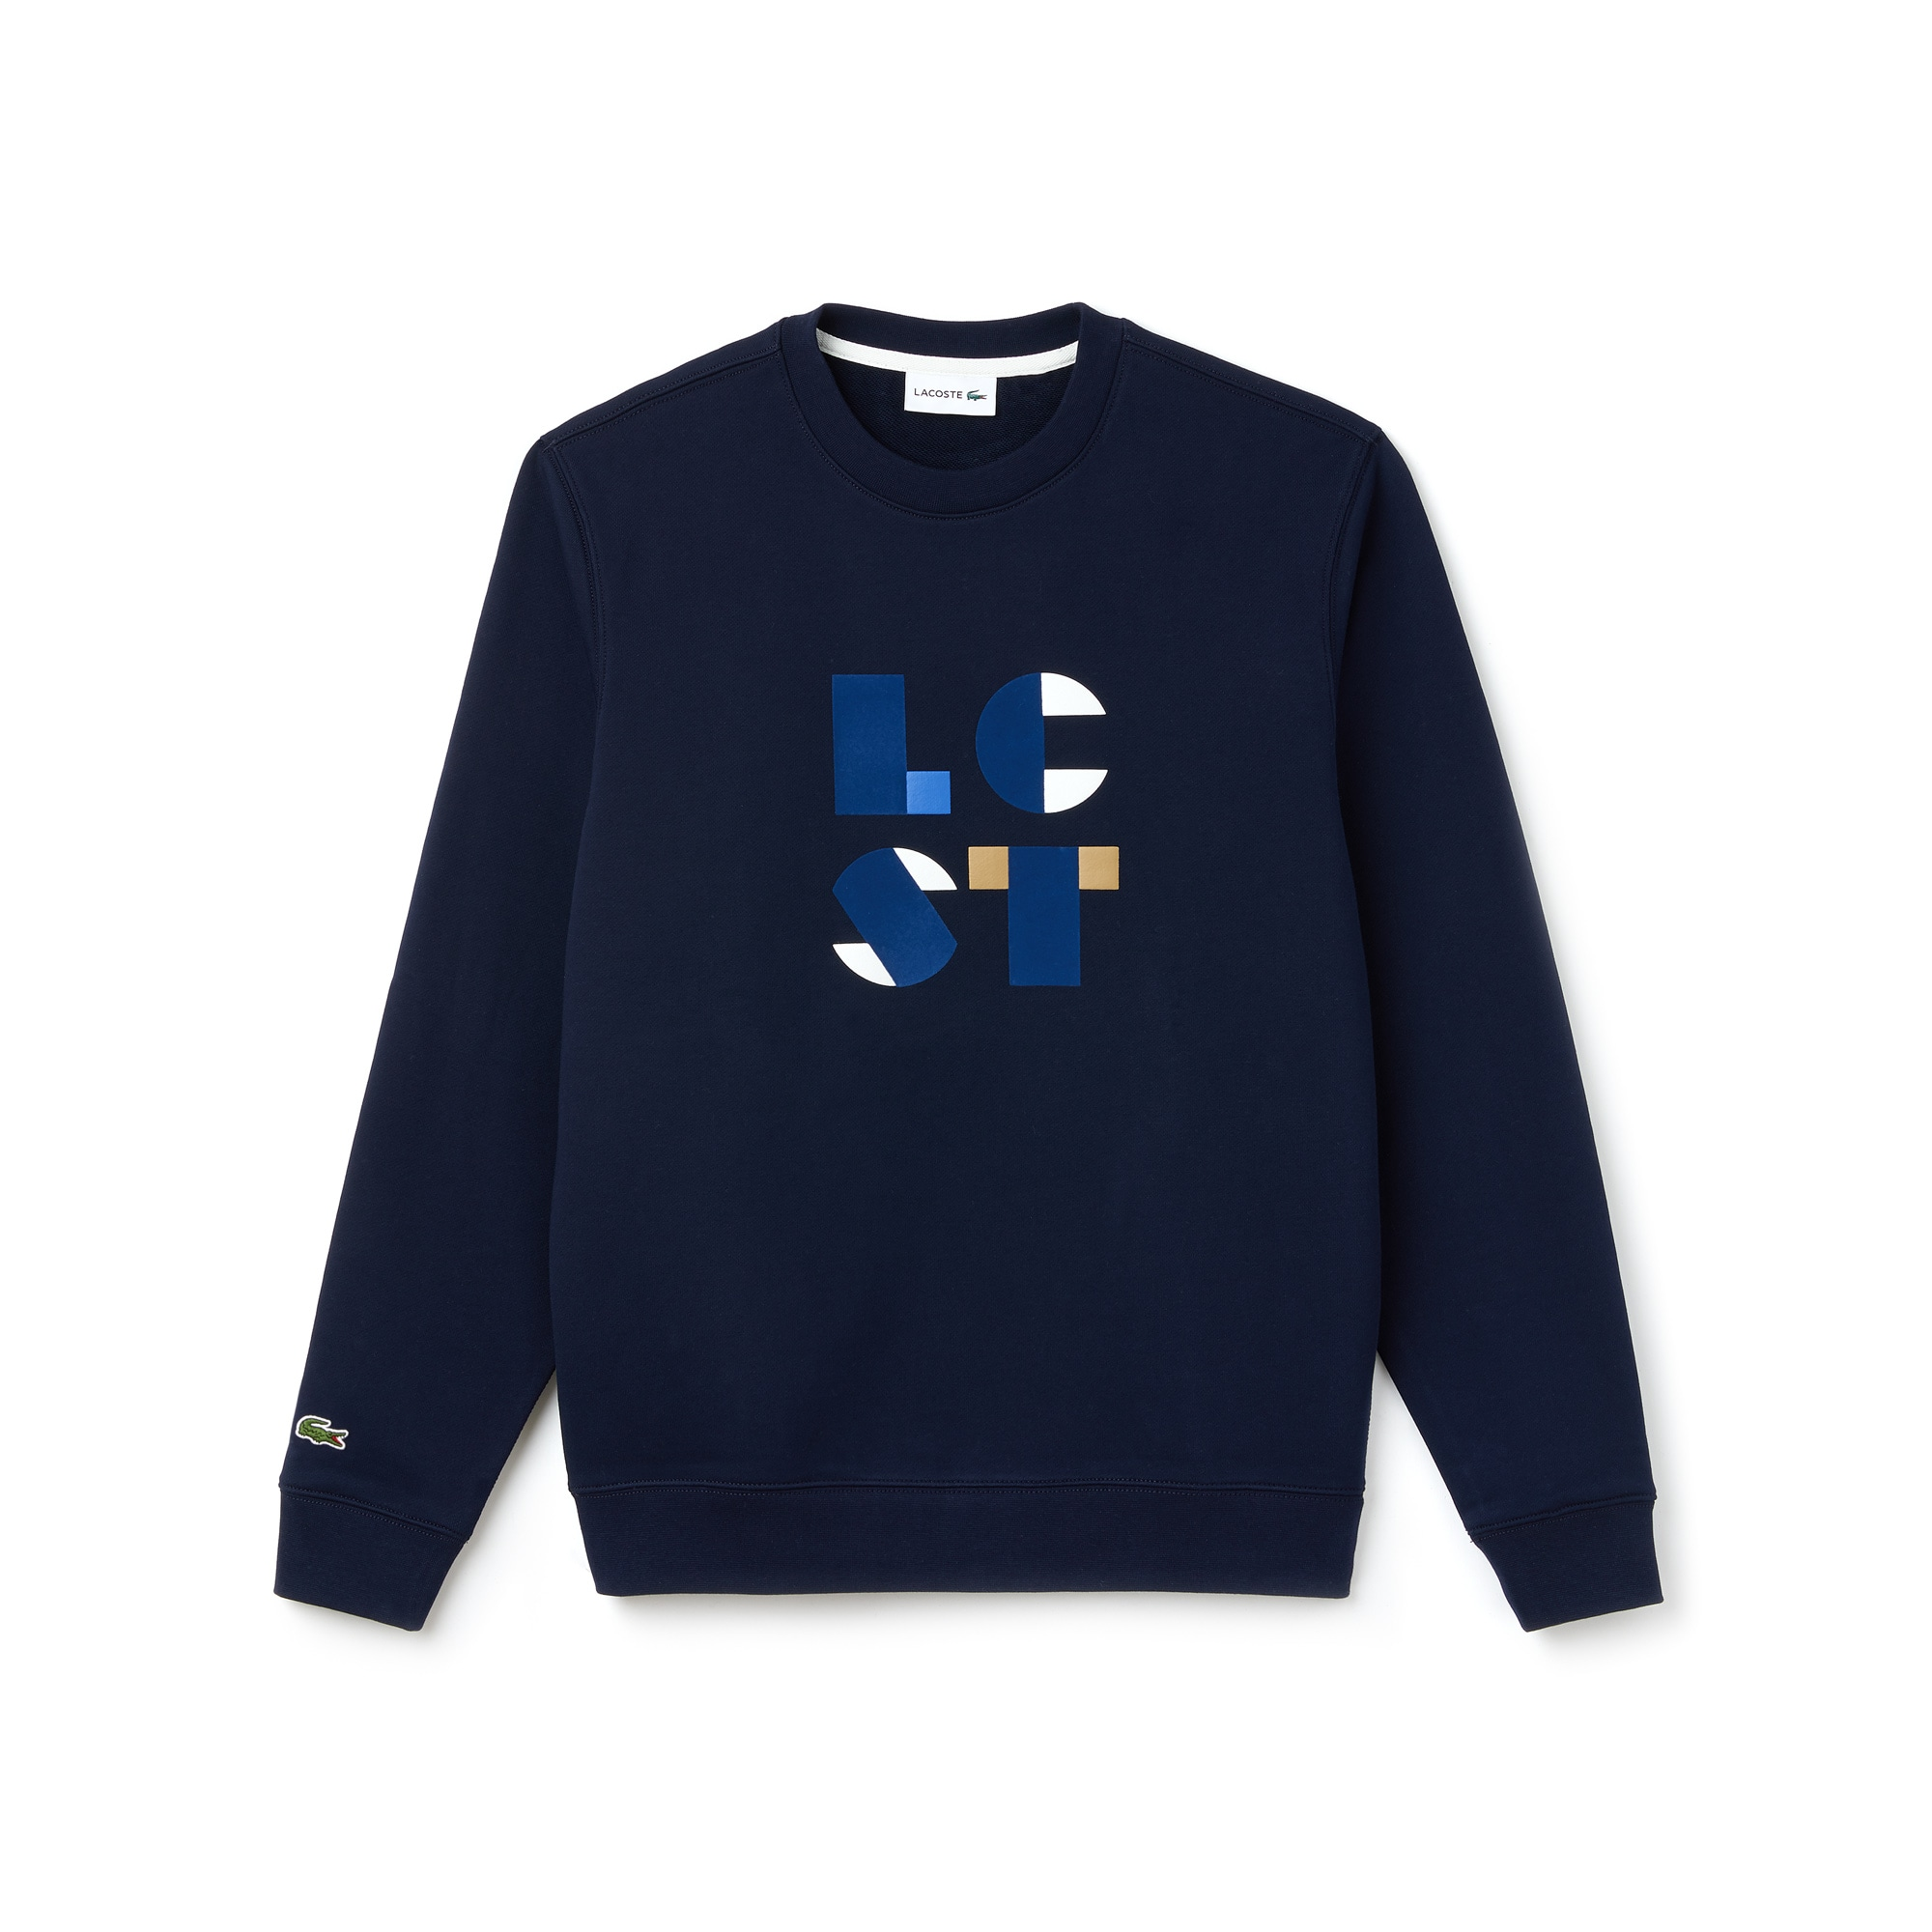 Men's Crew Neck Lettering Cotton Fleece Sweatshirt